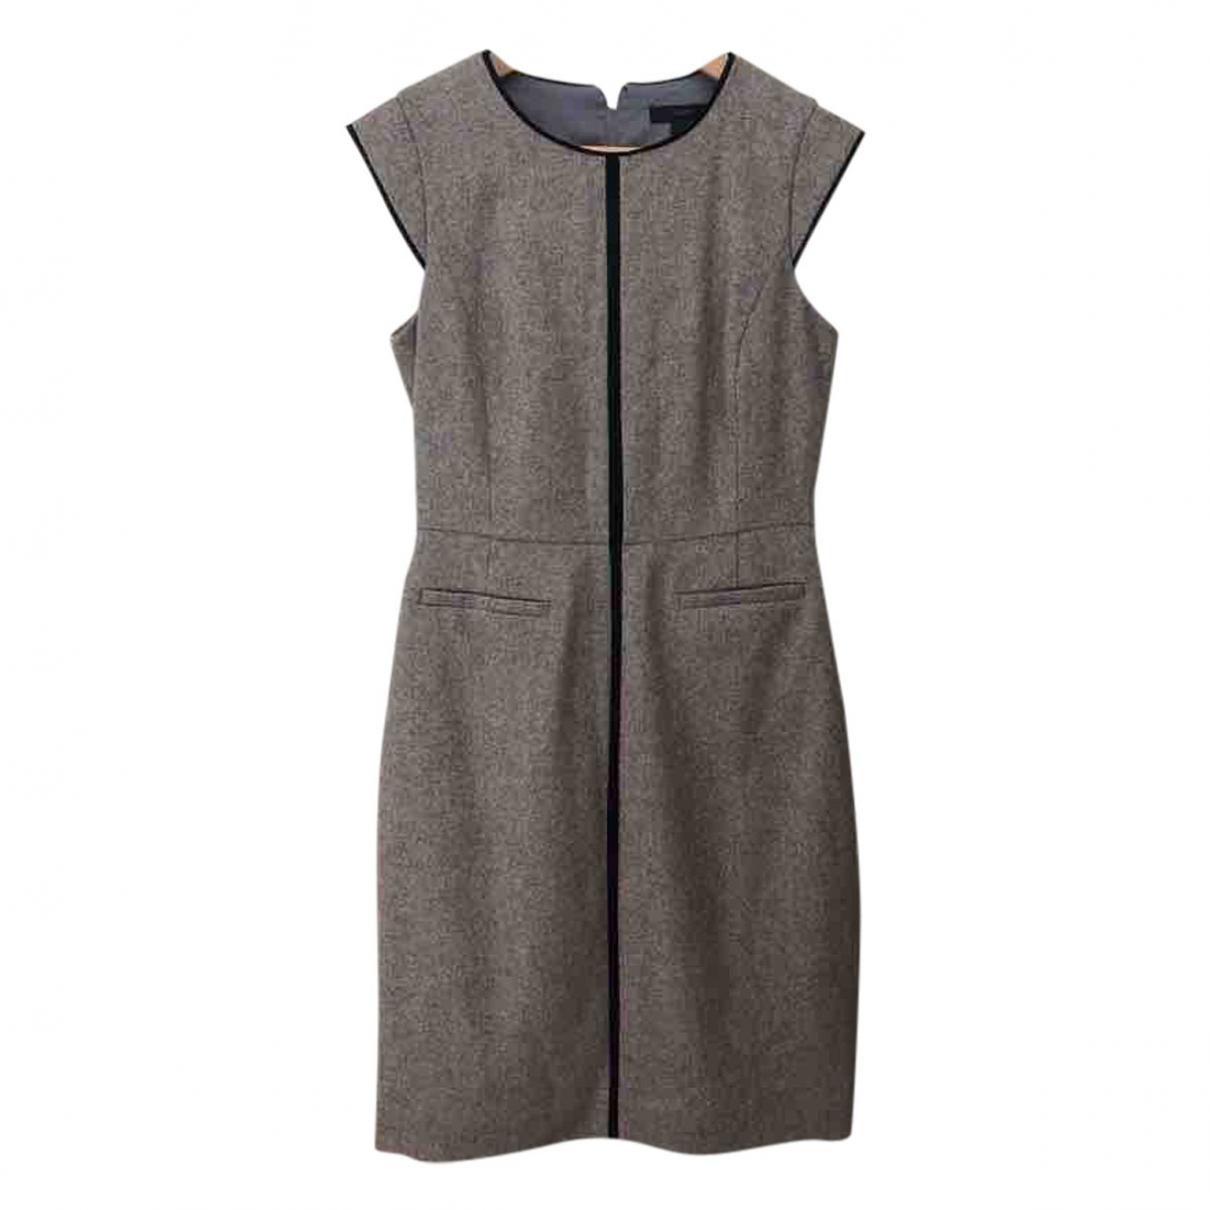 J.crew - Robe   pour femme en laine - beige